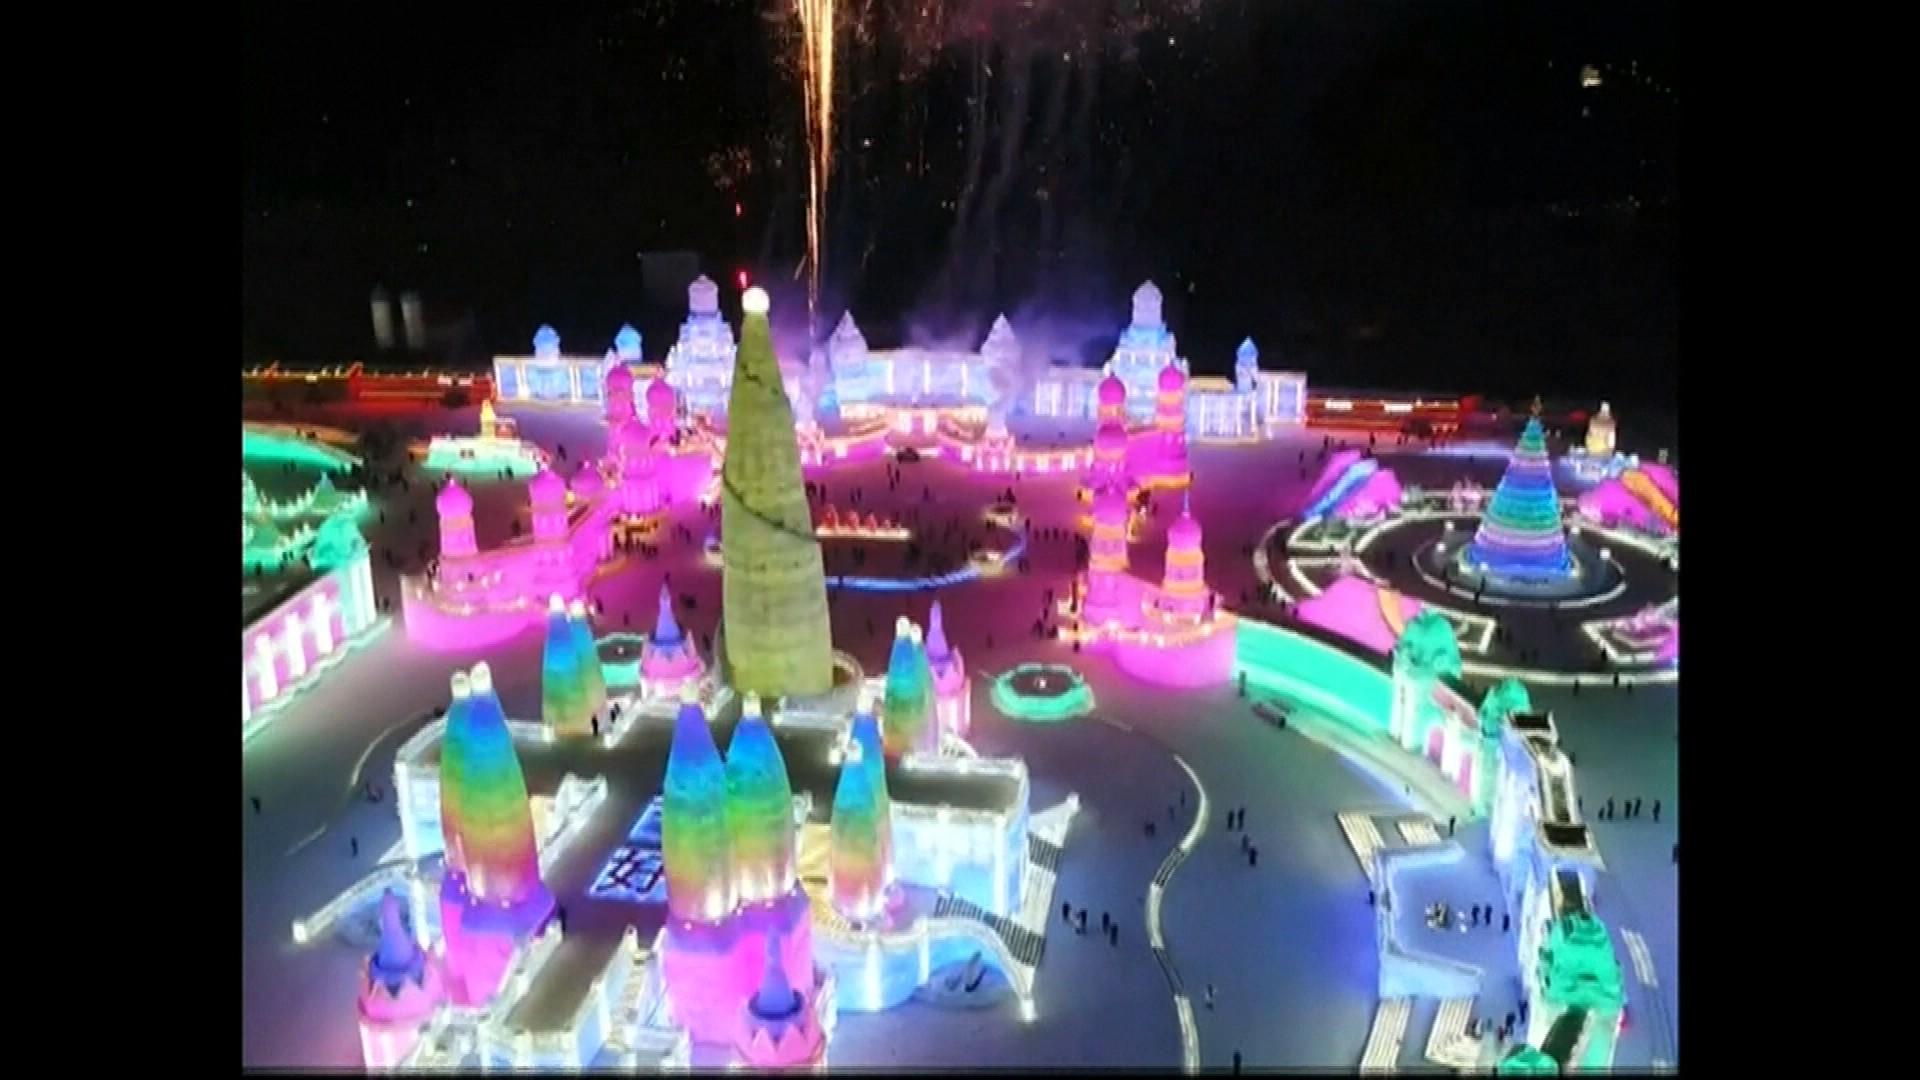 Un incroyable parc à thème entièrement en glace installé uniquement pour le Nouvel an chinois